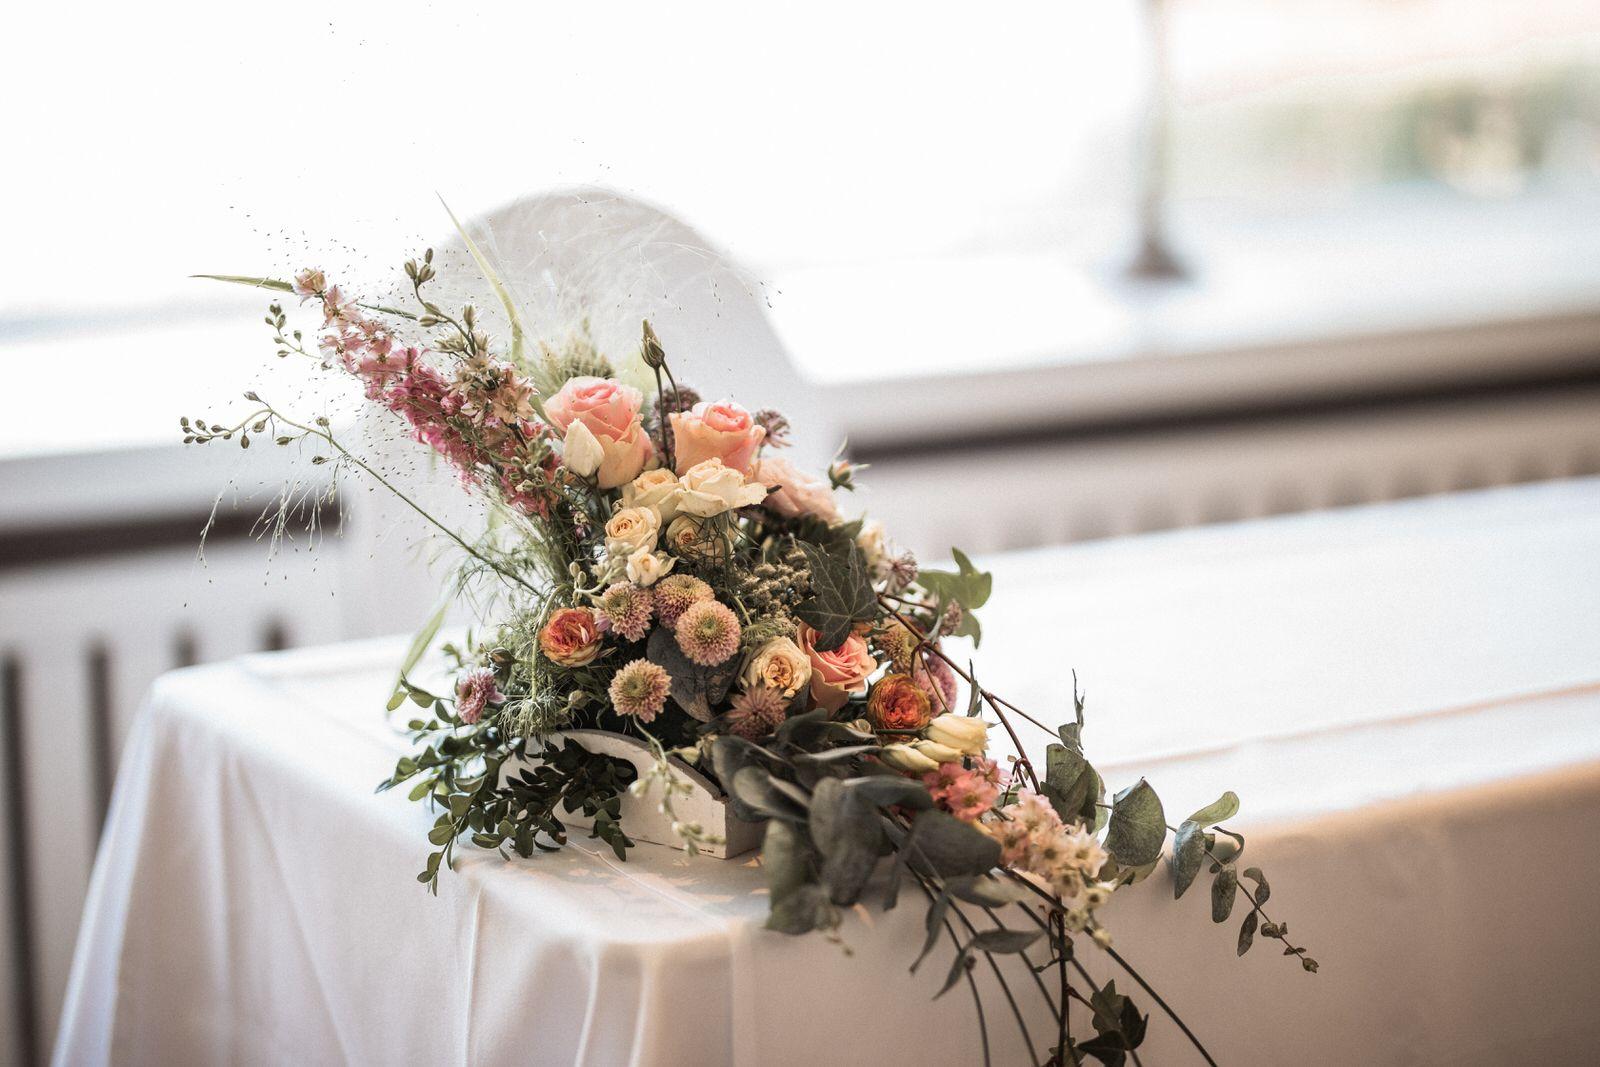 Blumengesteck im Trauzimmer mit Seeblick Blumengestecke